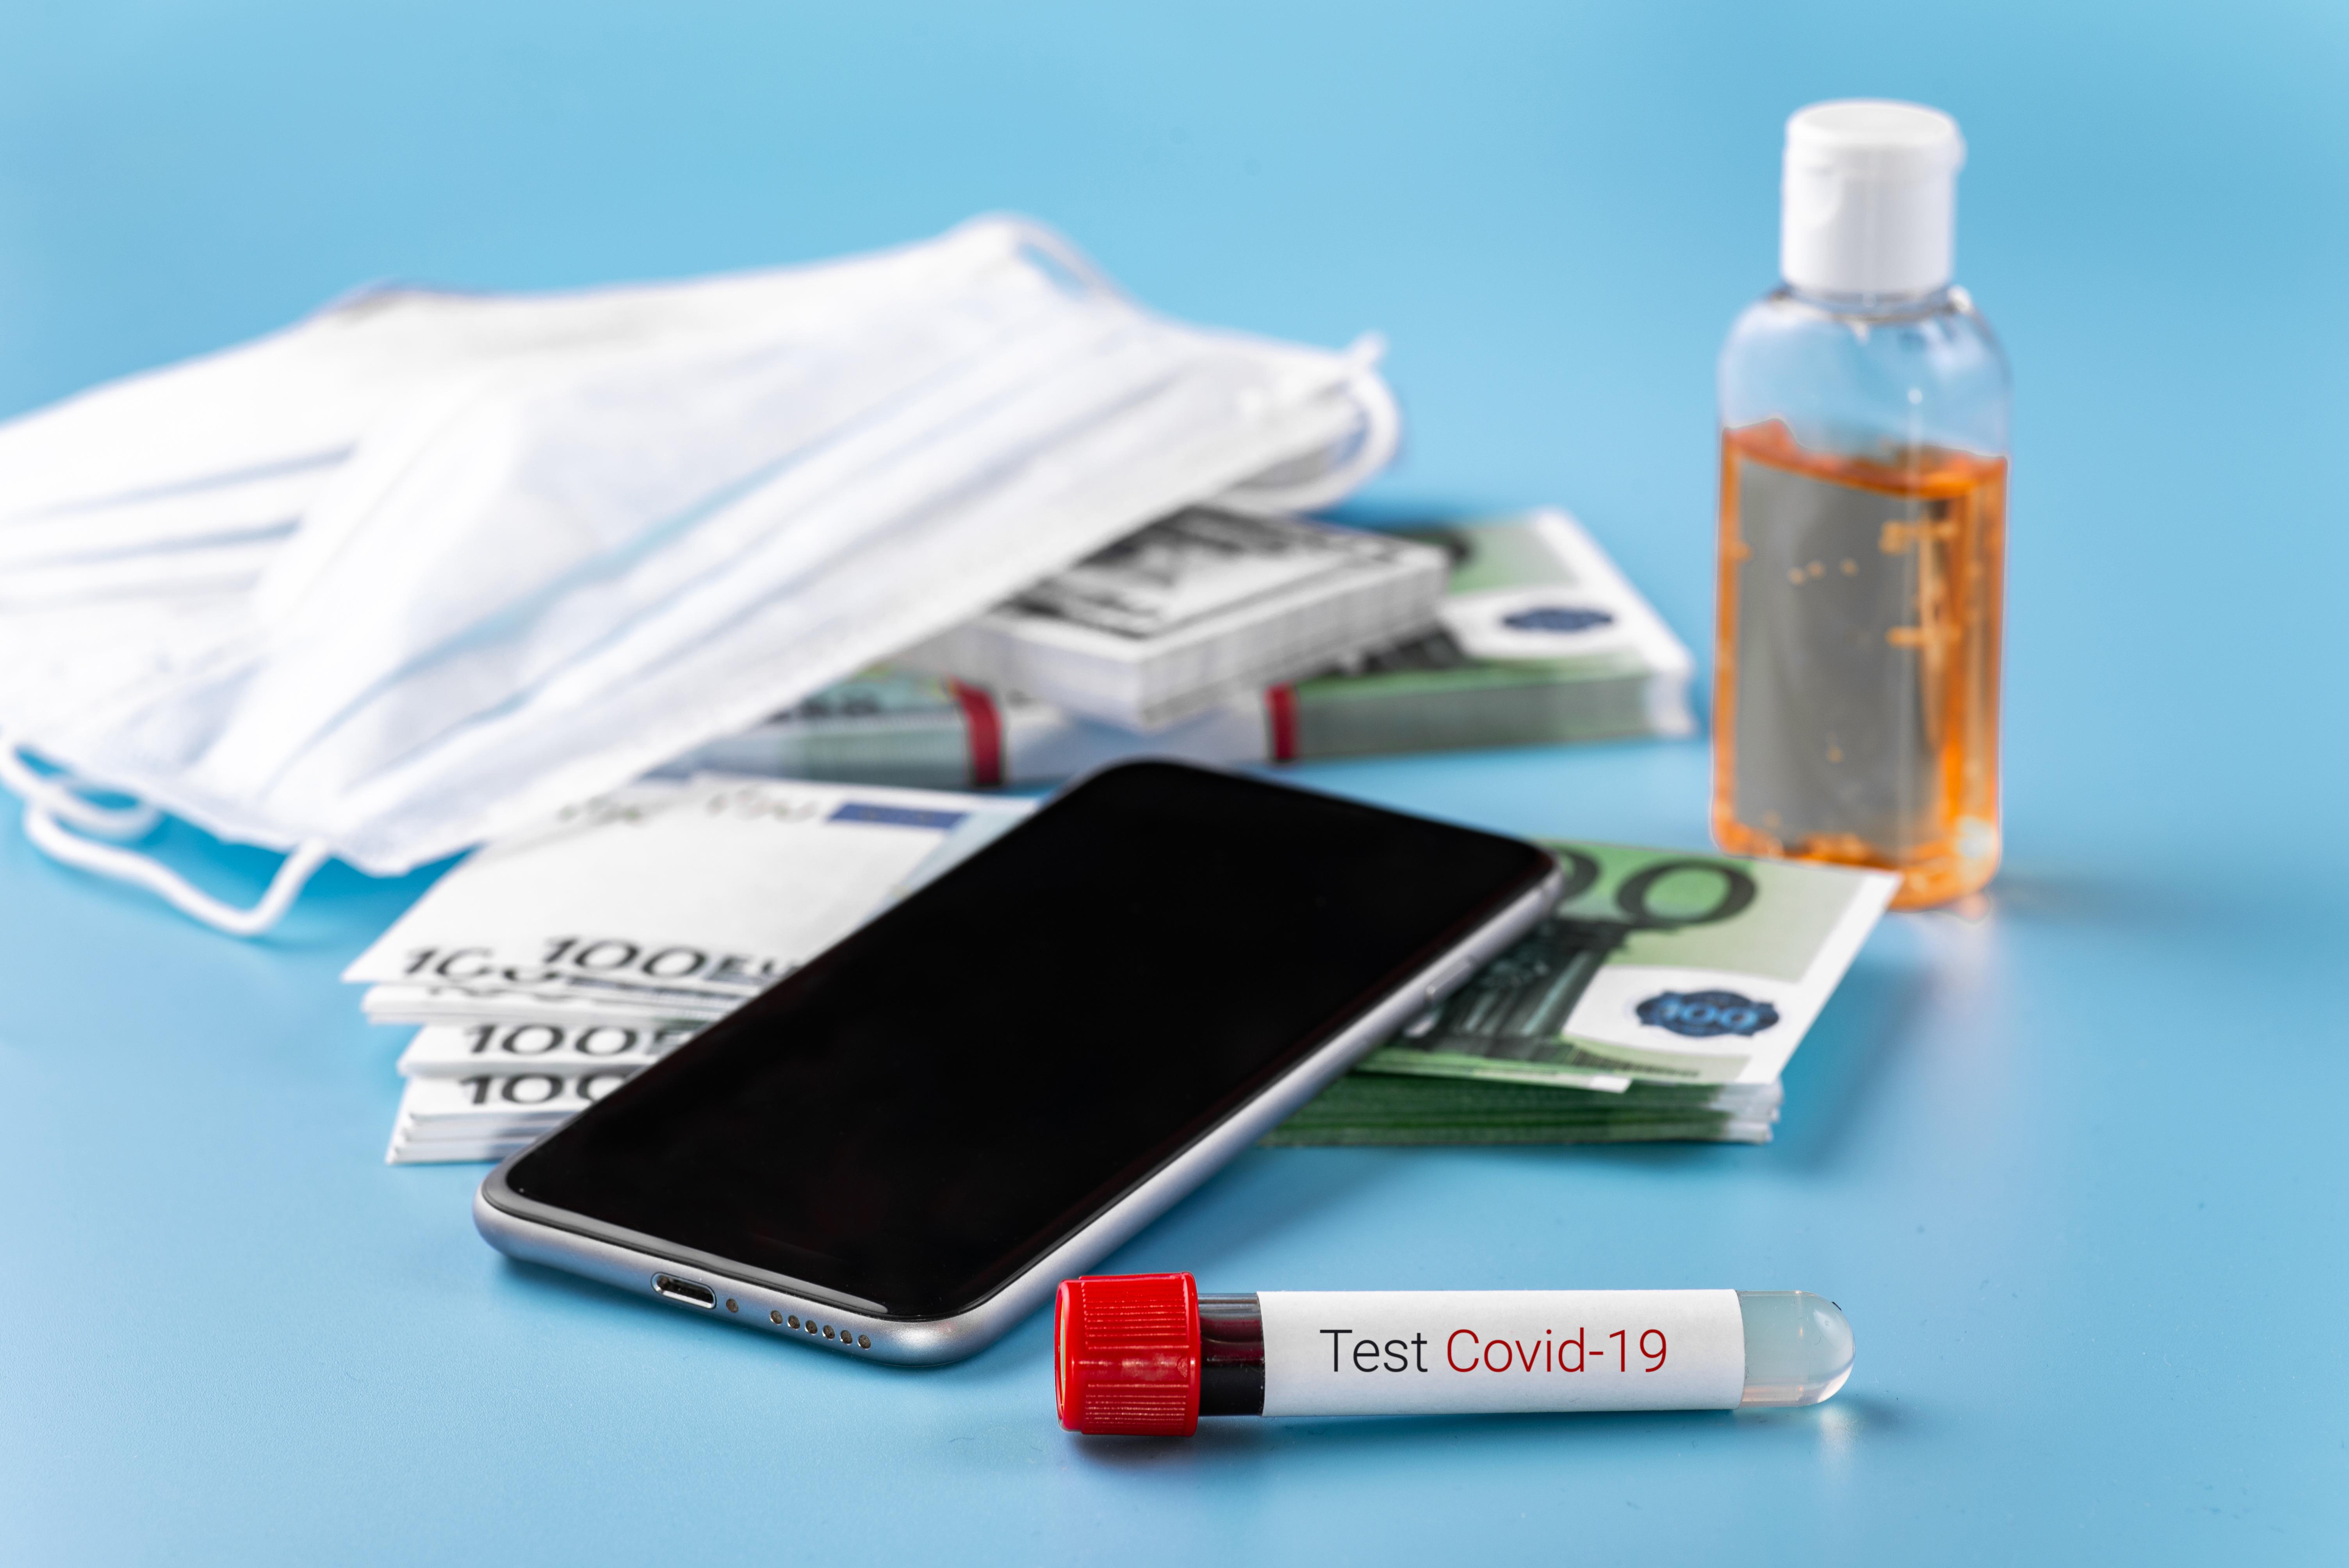 Studiu: Covid-19 poate supraviețui pe bani sau telefoane mobile până la 28 de zile